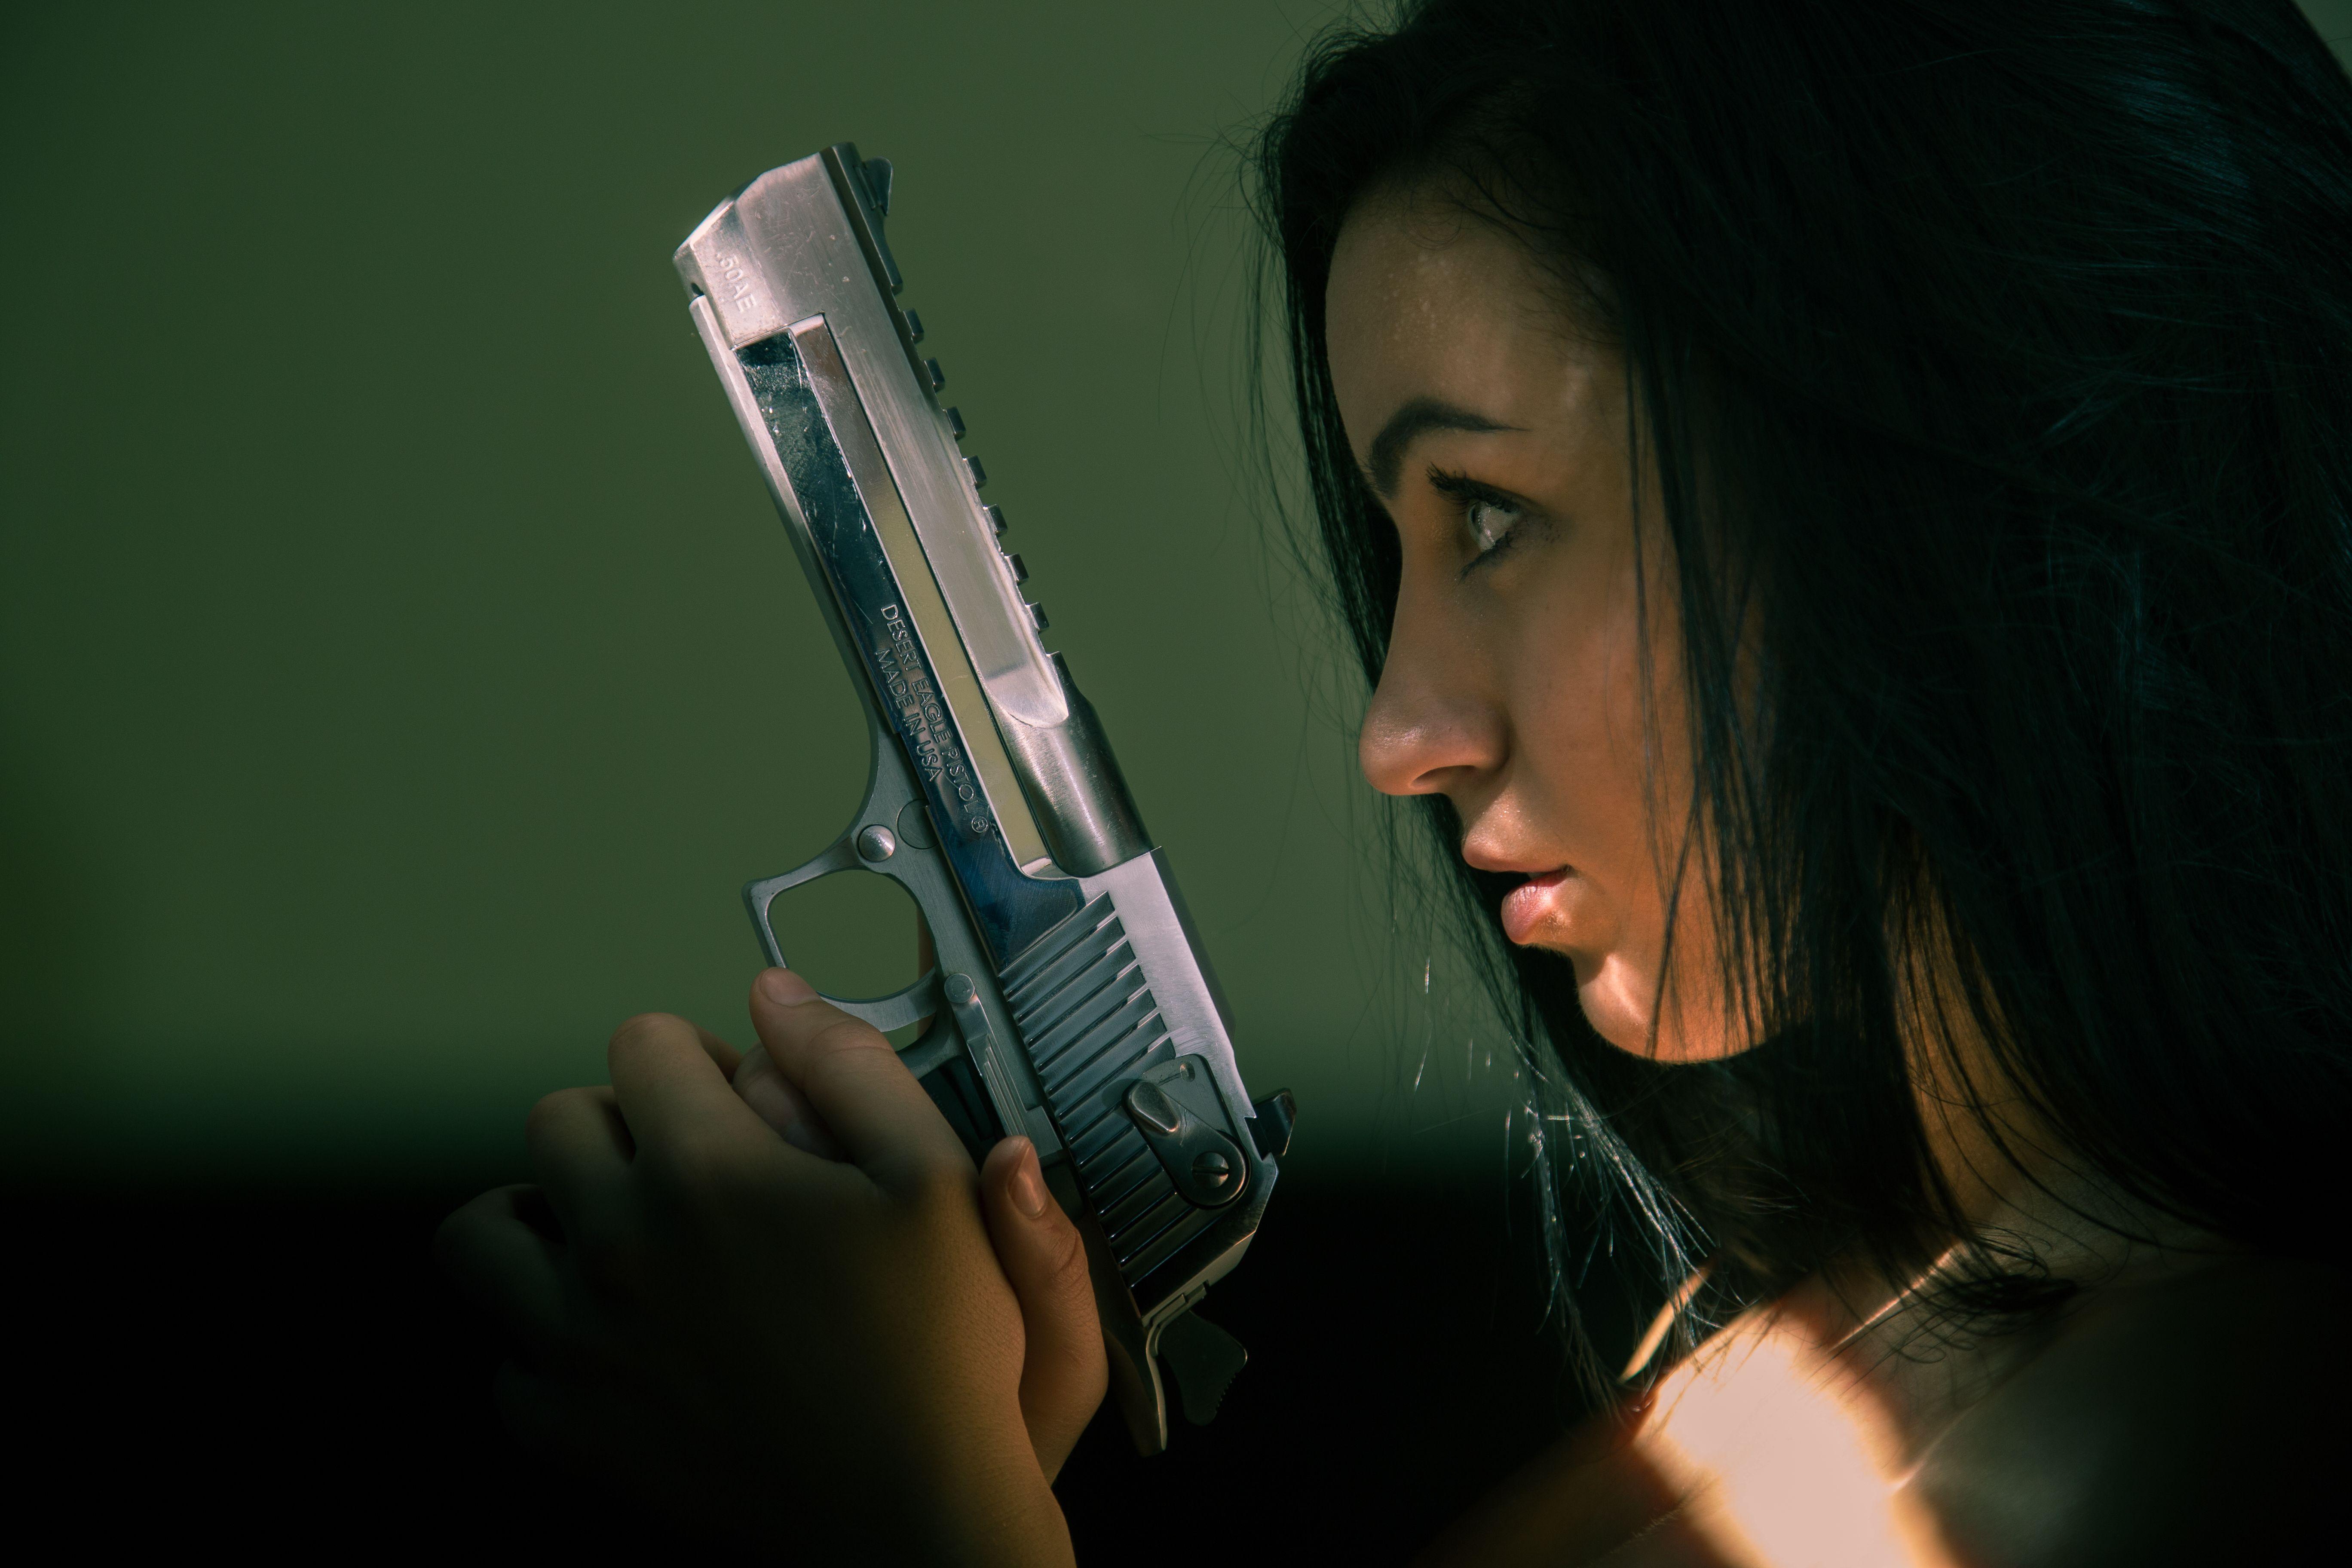 Пистолеты картинки с девушками